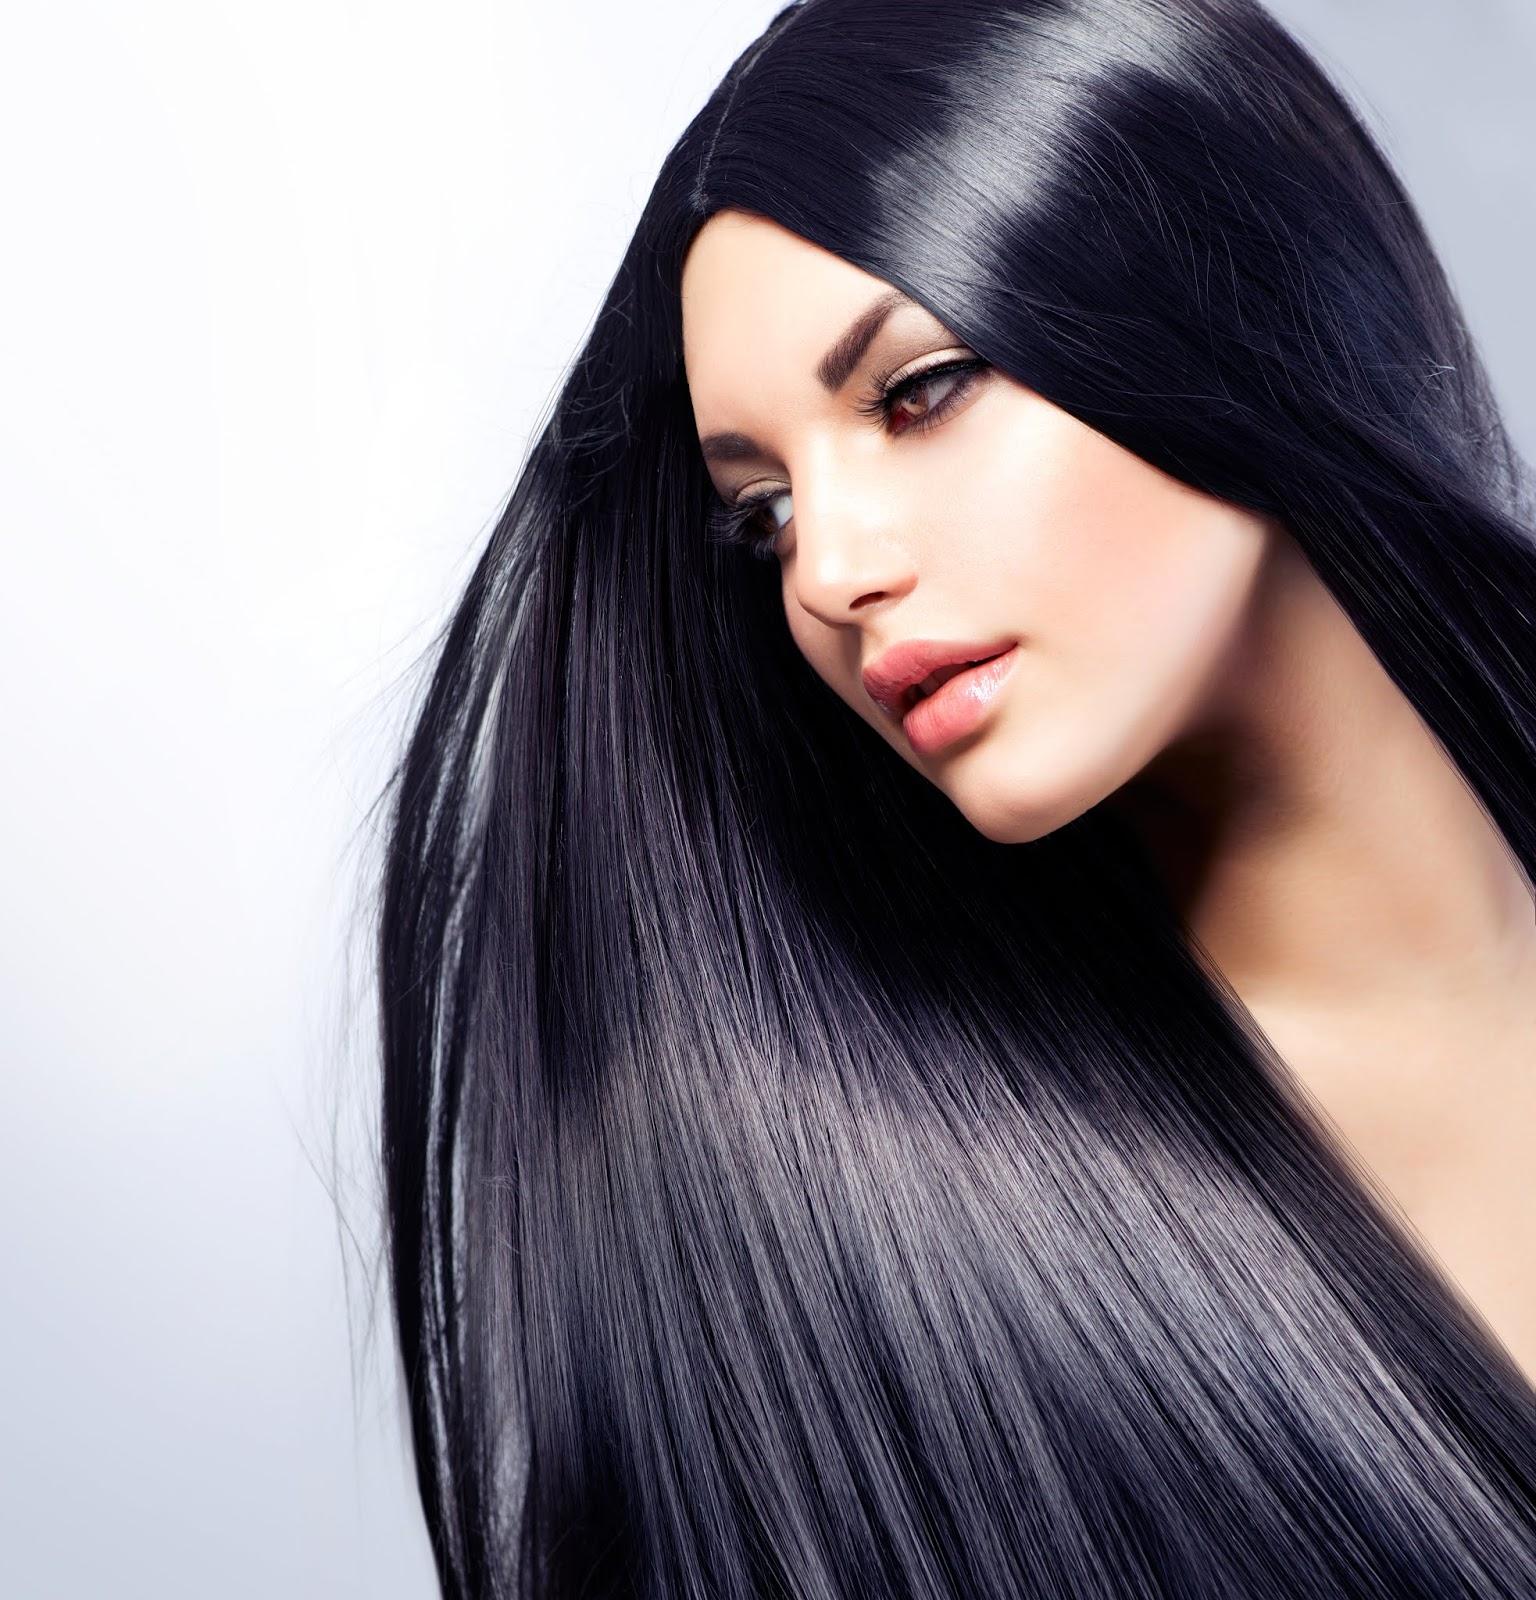 Como cuidar el pelo (consejos caseros)